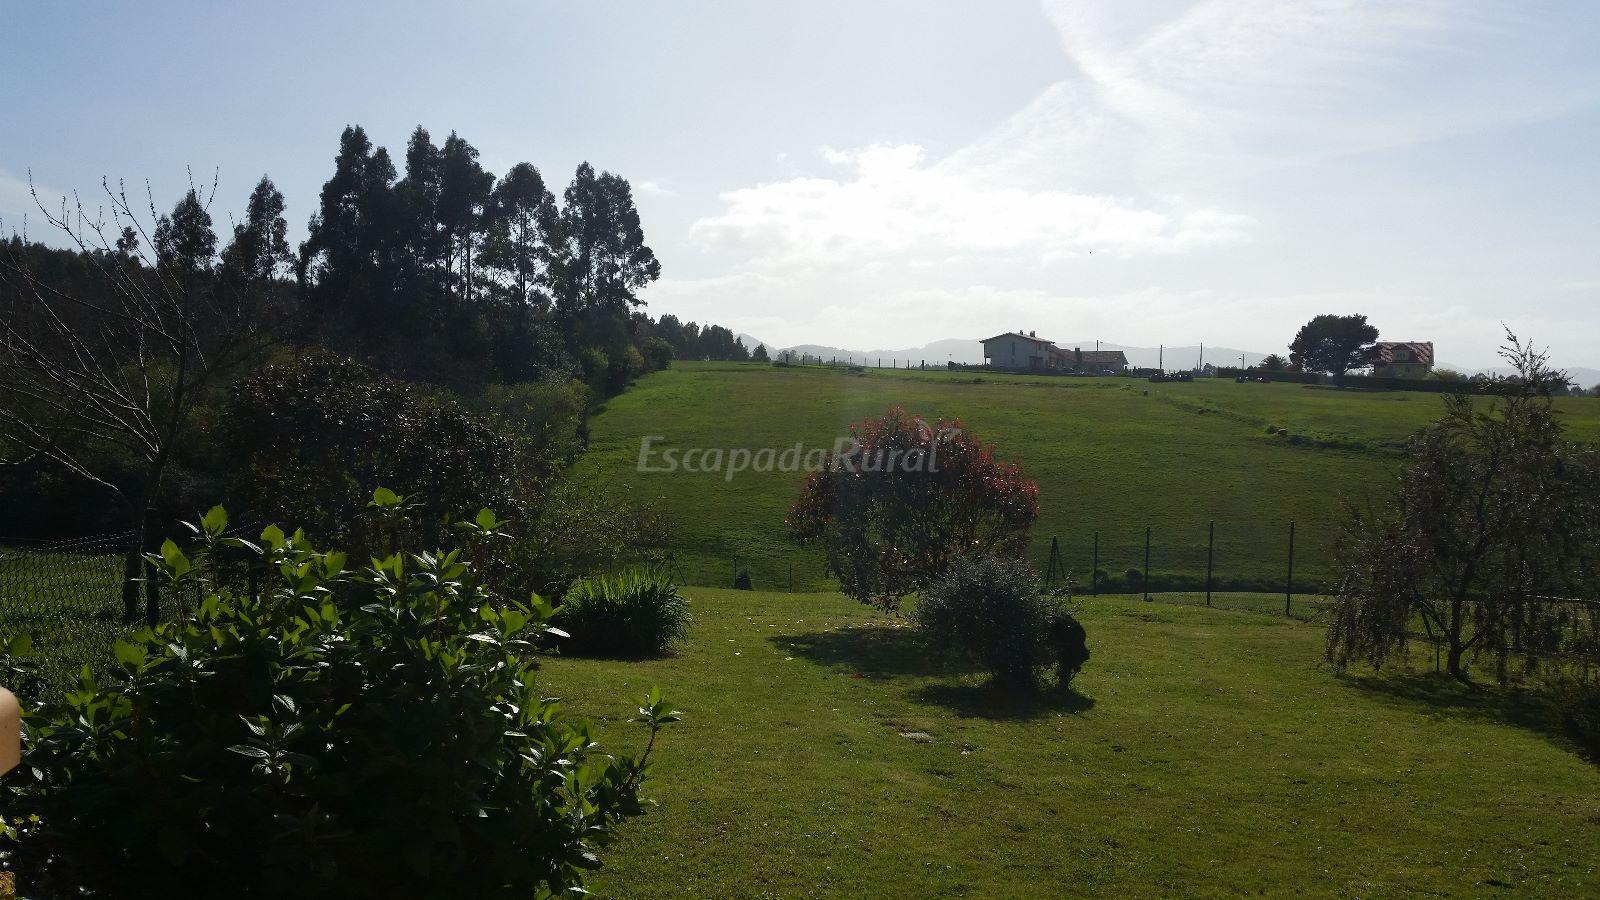 Fotos de casa rural panizales casa rural en panizales - Fotorural asturias ...